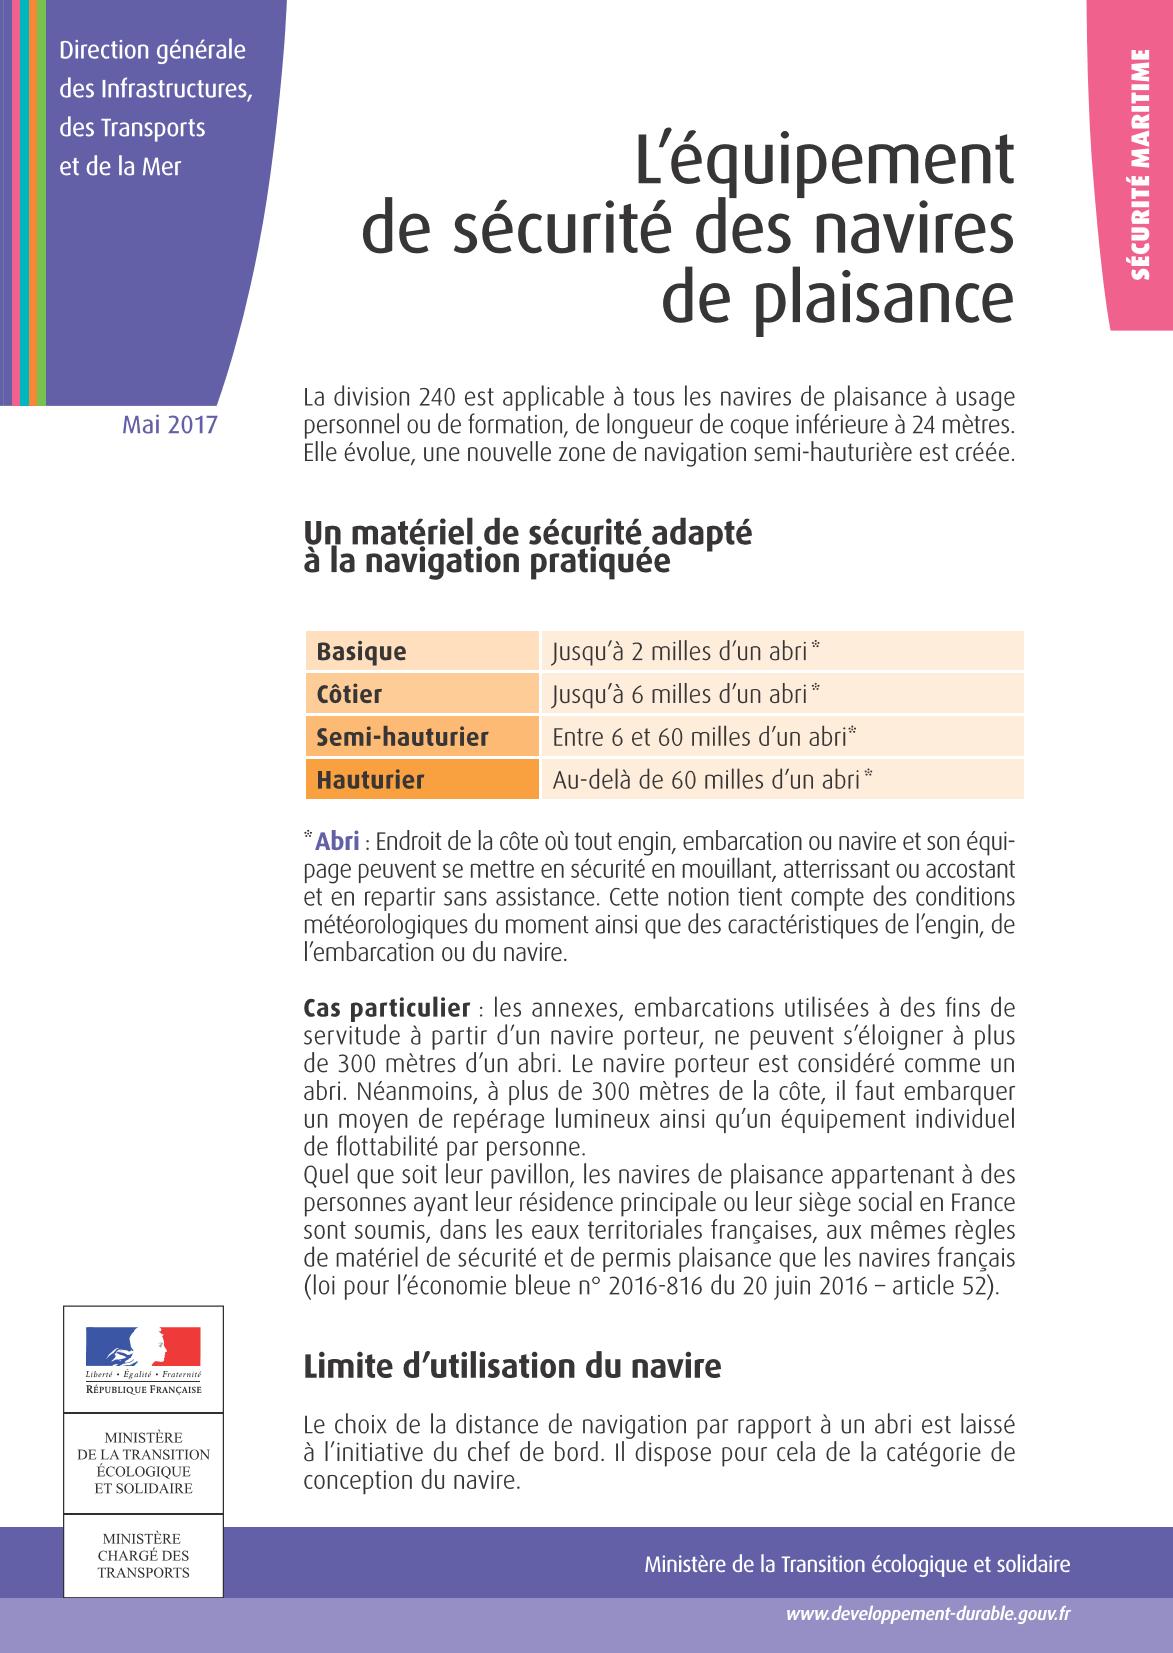 Equipement secu plaisance 4p def web page 1